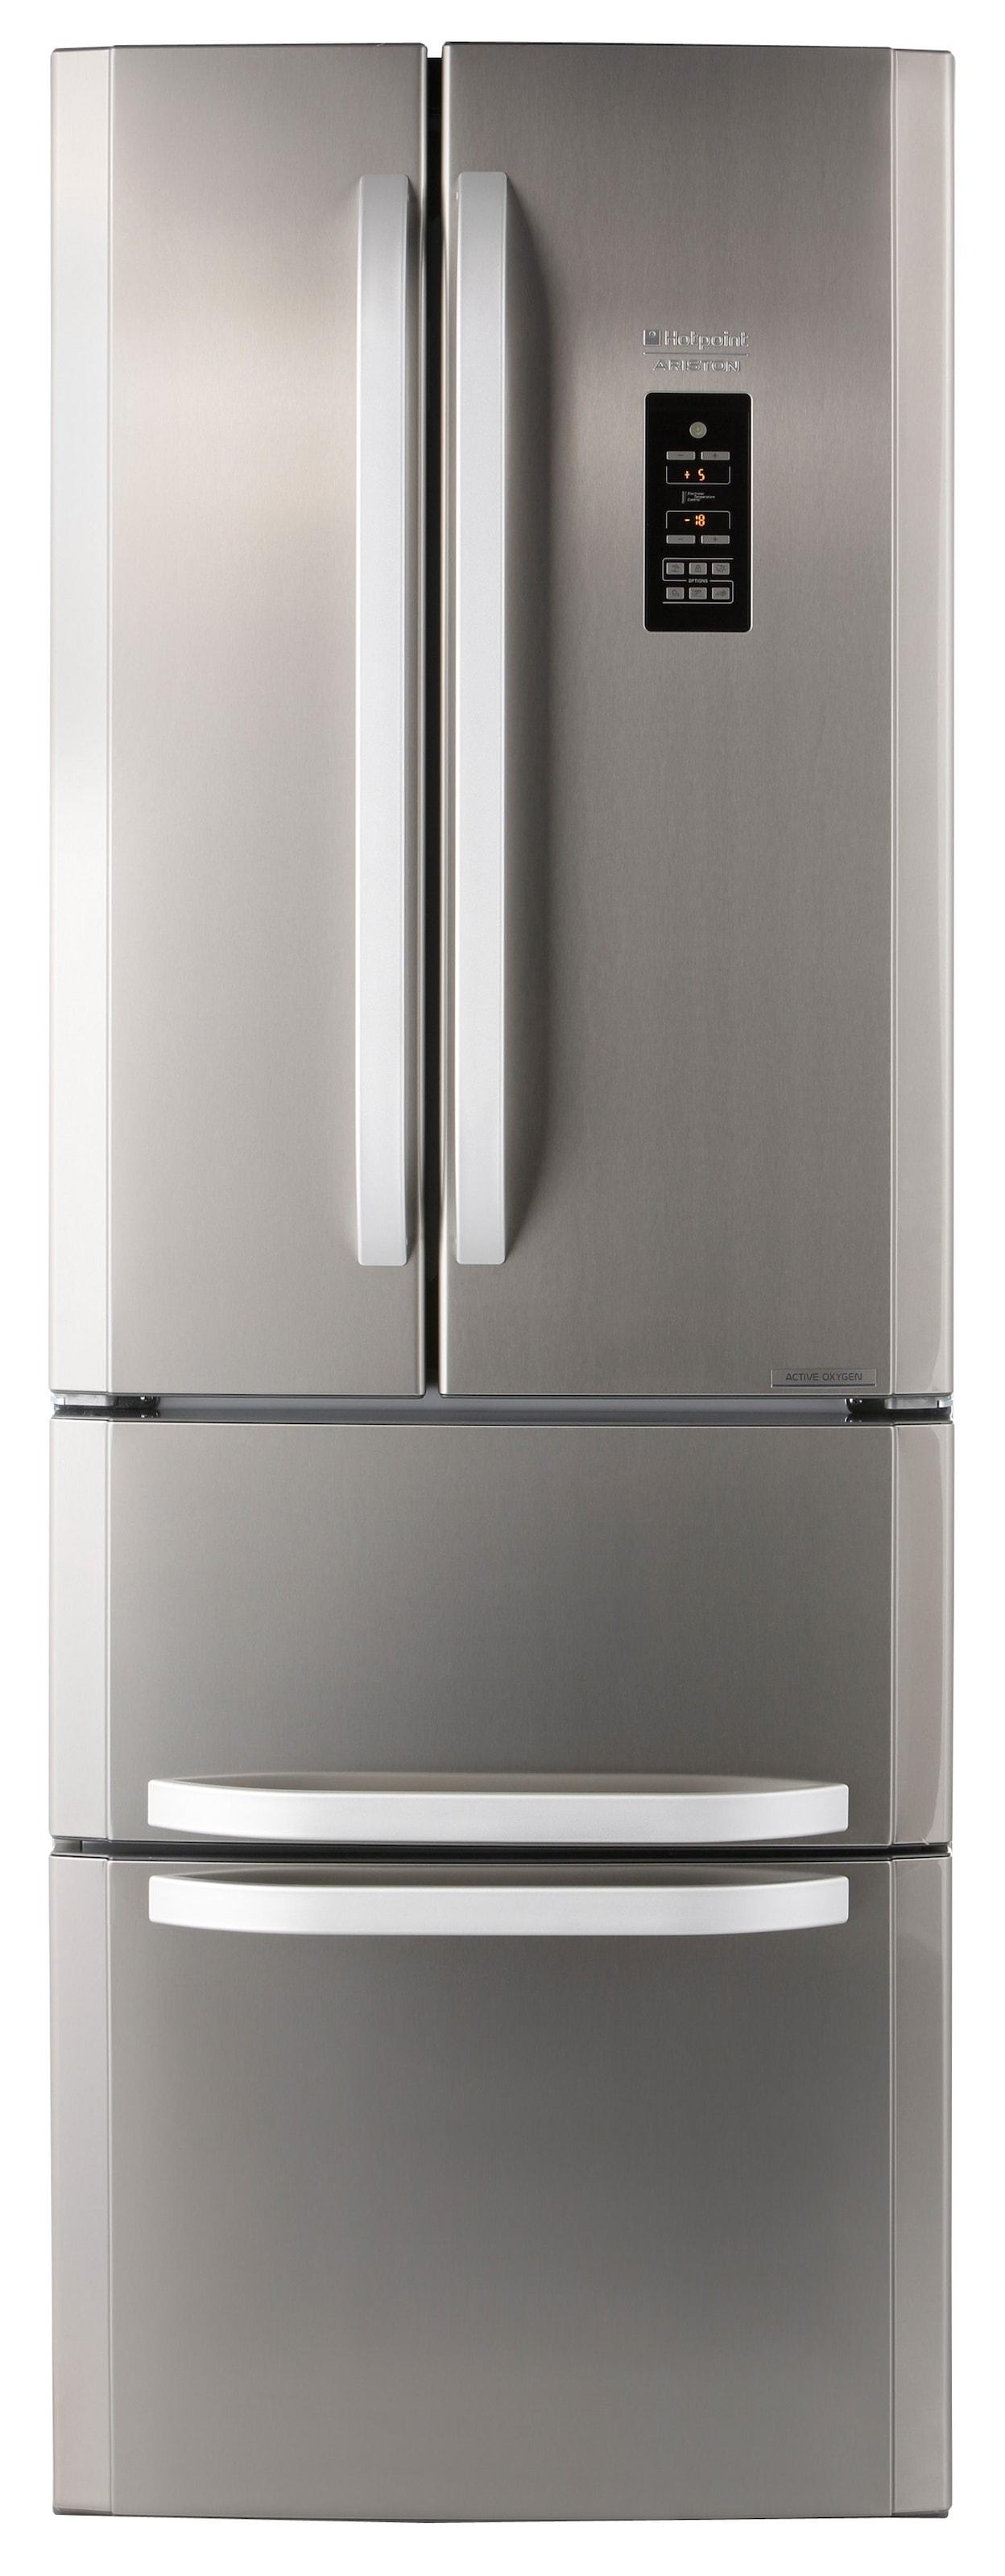 Amerikanischer Kühlschrank Freistehend : Side by side kühlschrank auf rechnung raten kaufen